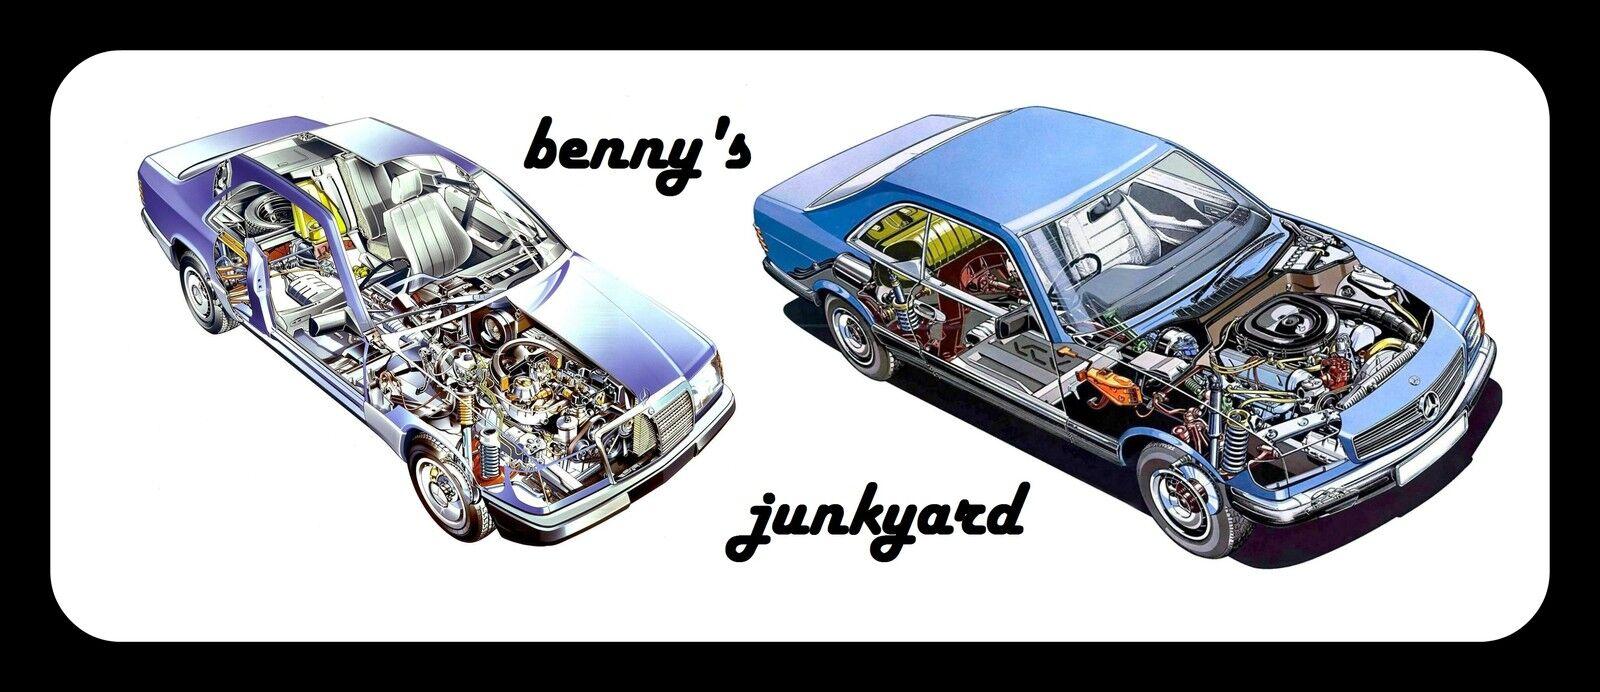 bennys_junkyard